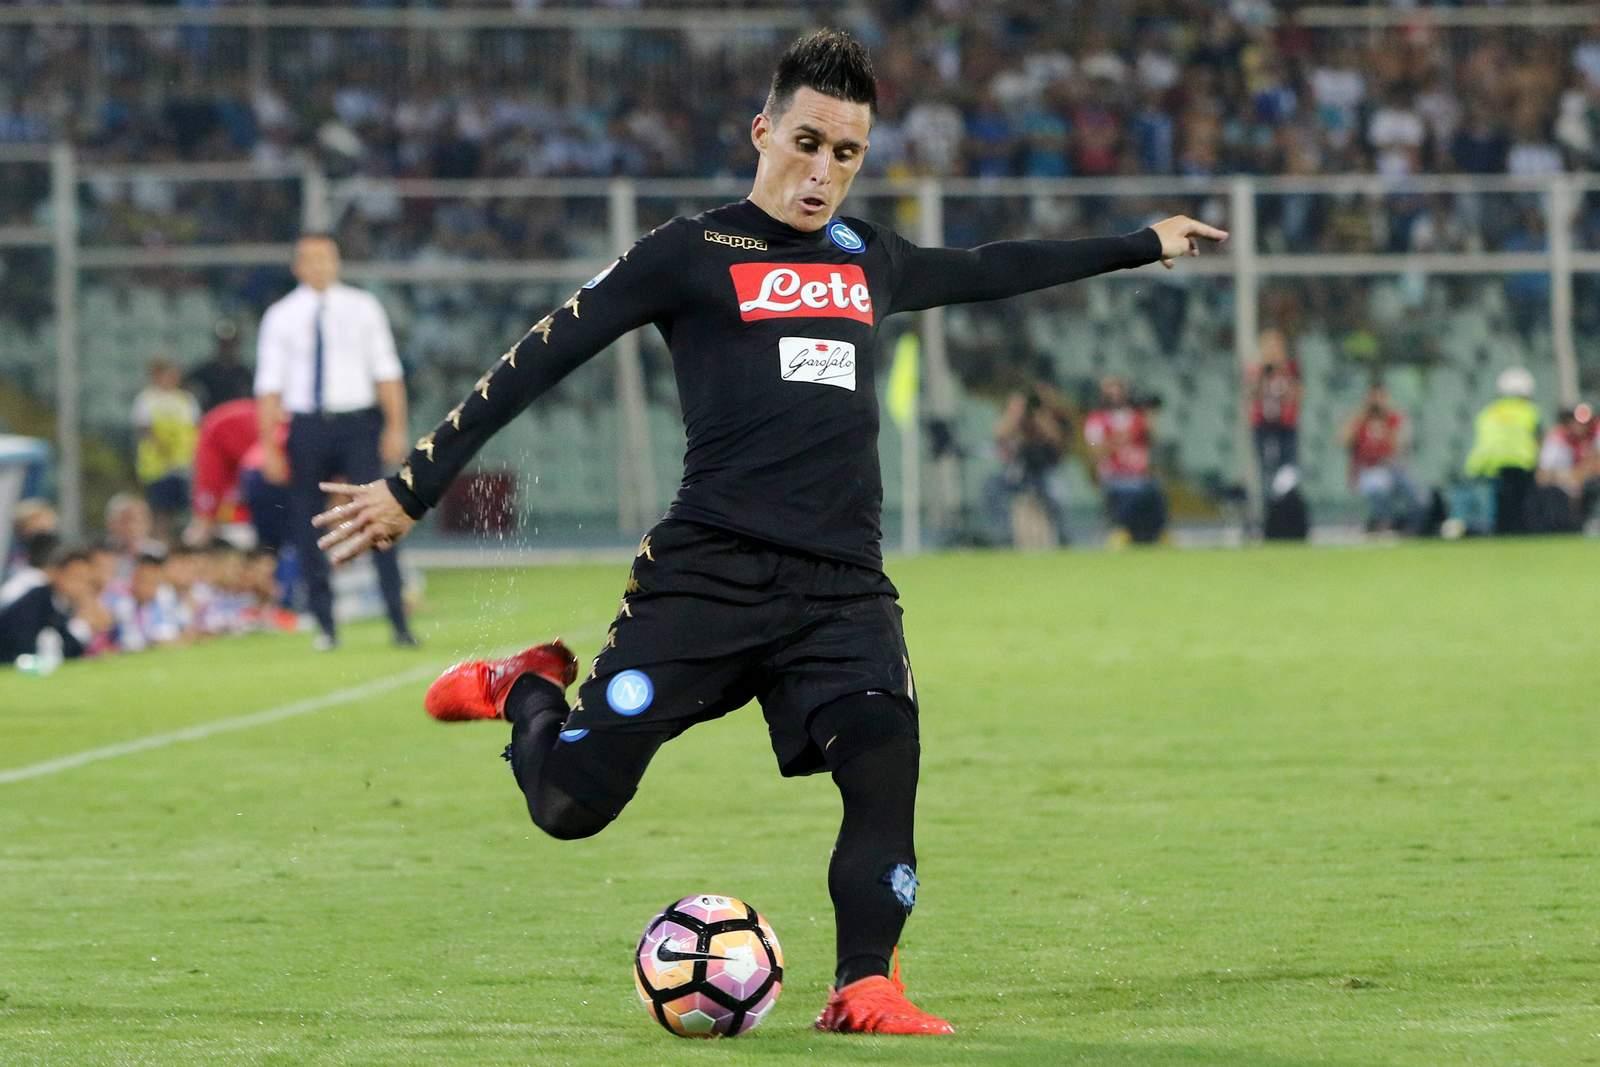 José Callejon zieht ab. Jetzt auf Neapel gegen Sampdoria Genua wetten!